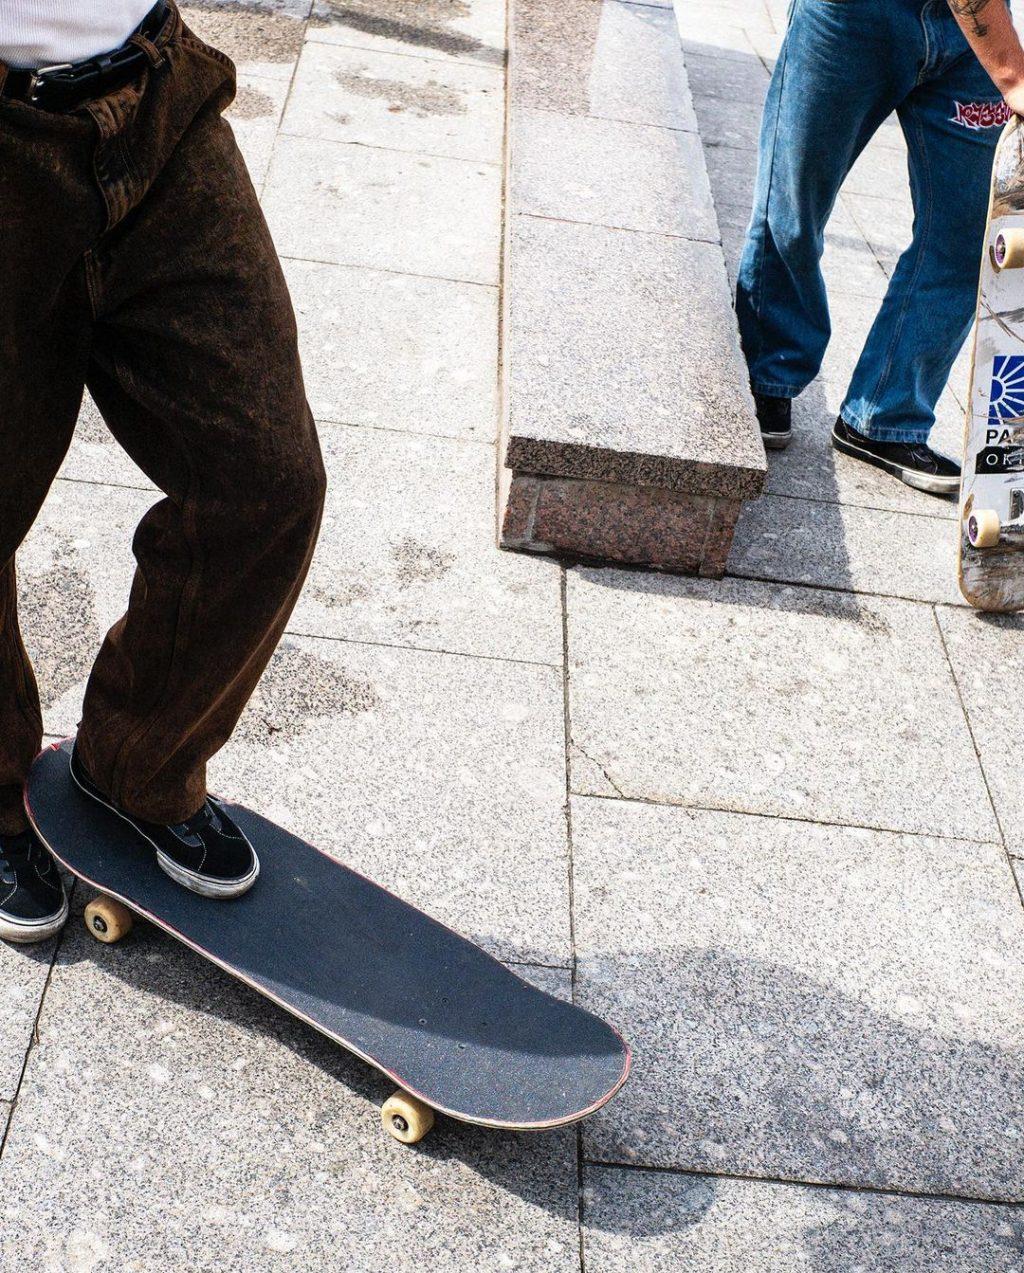 rassvet-vans-skate-bold-black-marshmallow-release-20210923